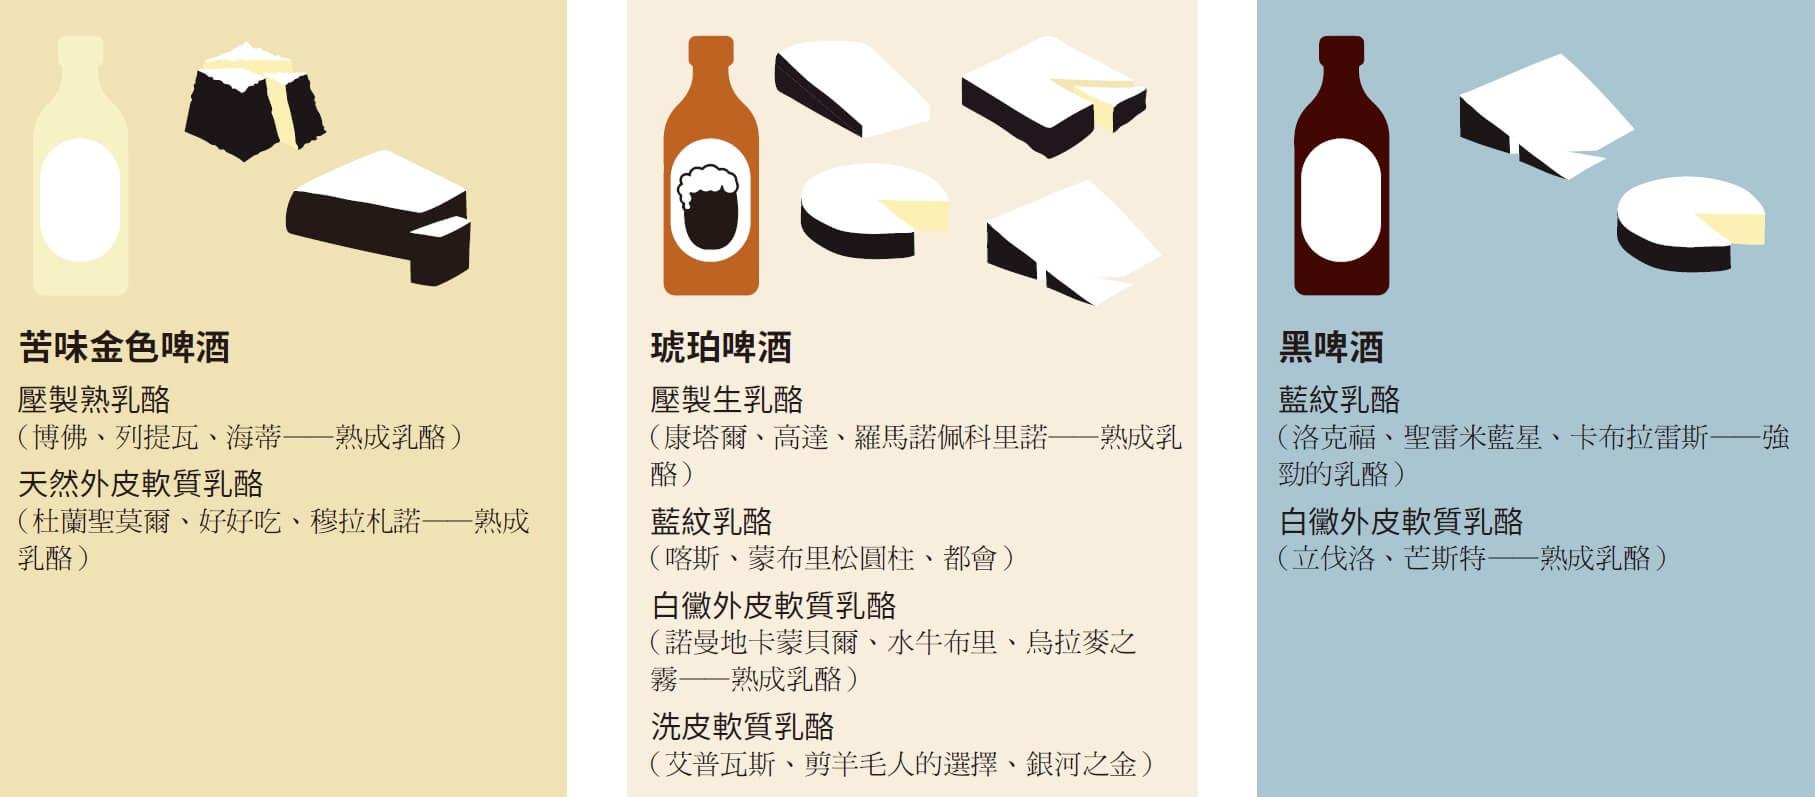 起司控不可不知|啤酒乳酪「最佳拍檔組合」大公開!